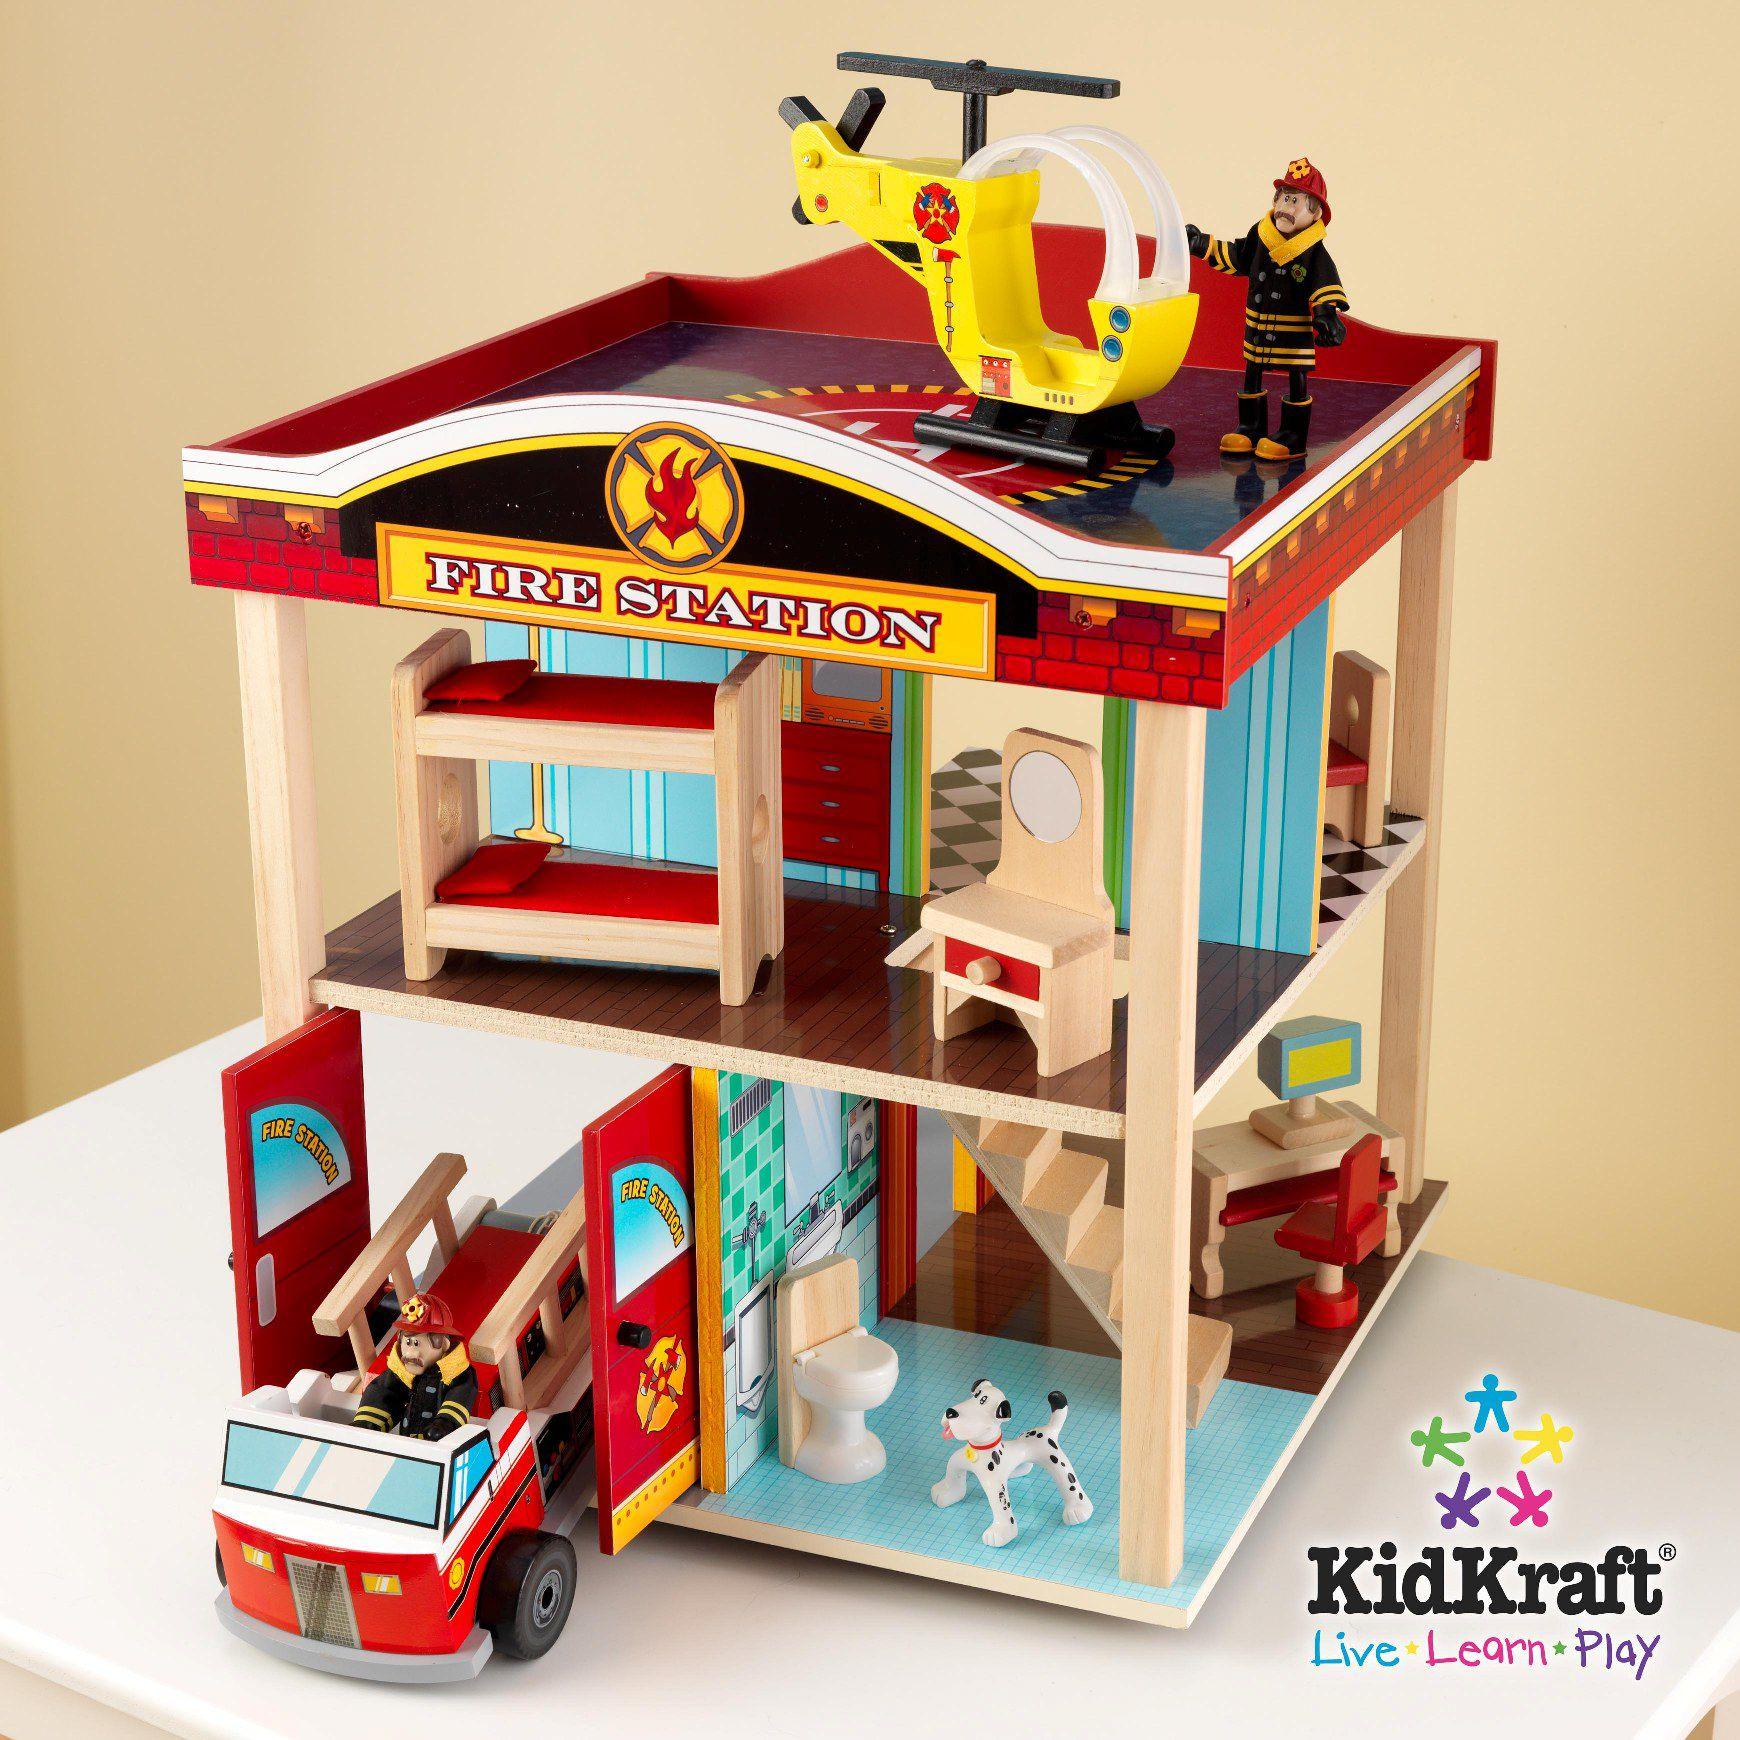 KidKraft Fire Station Set PartNumber: 05217956000P